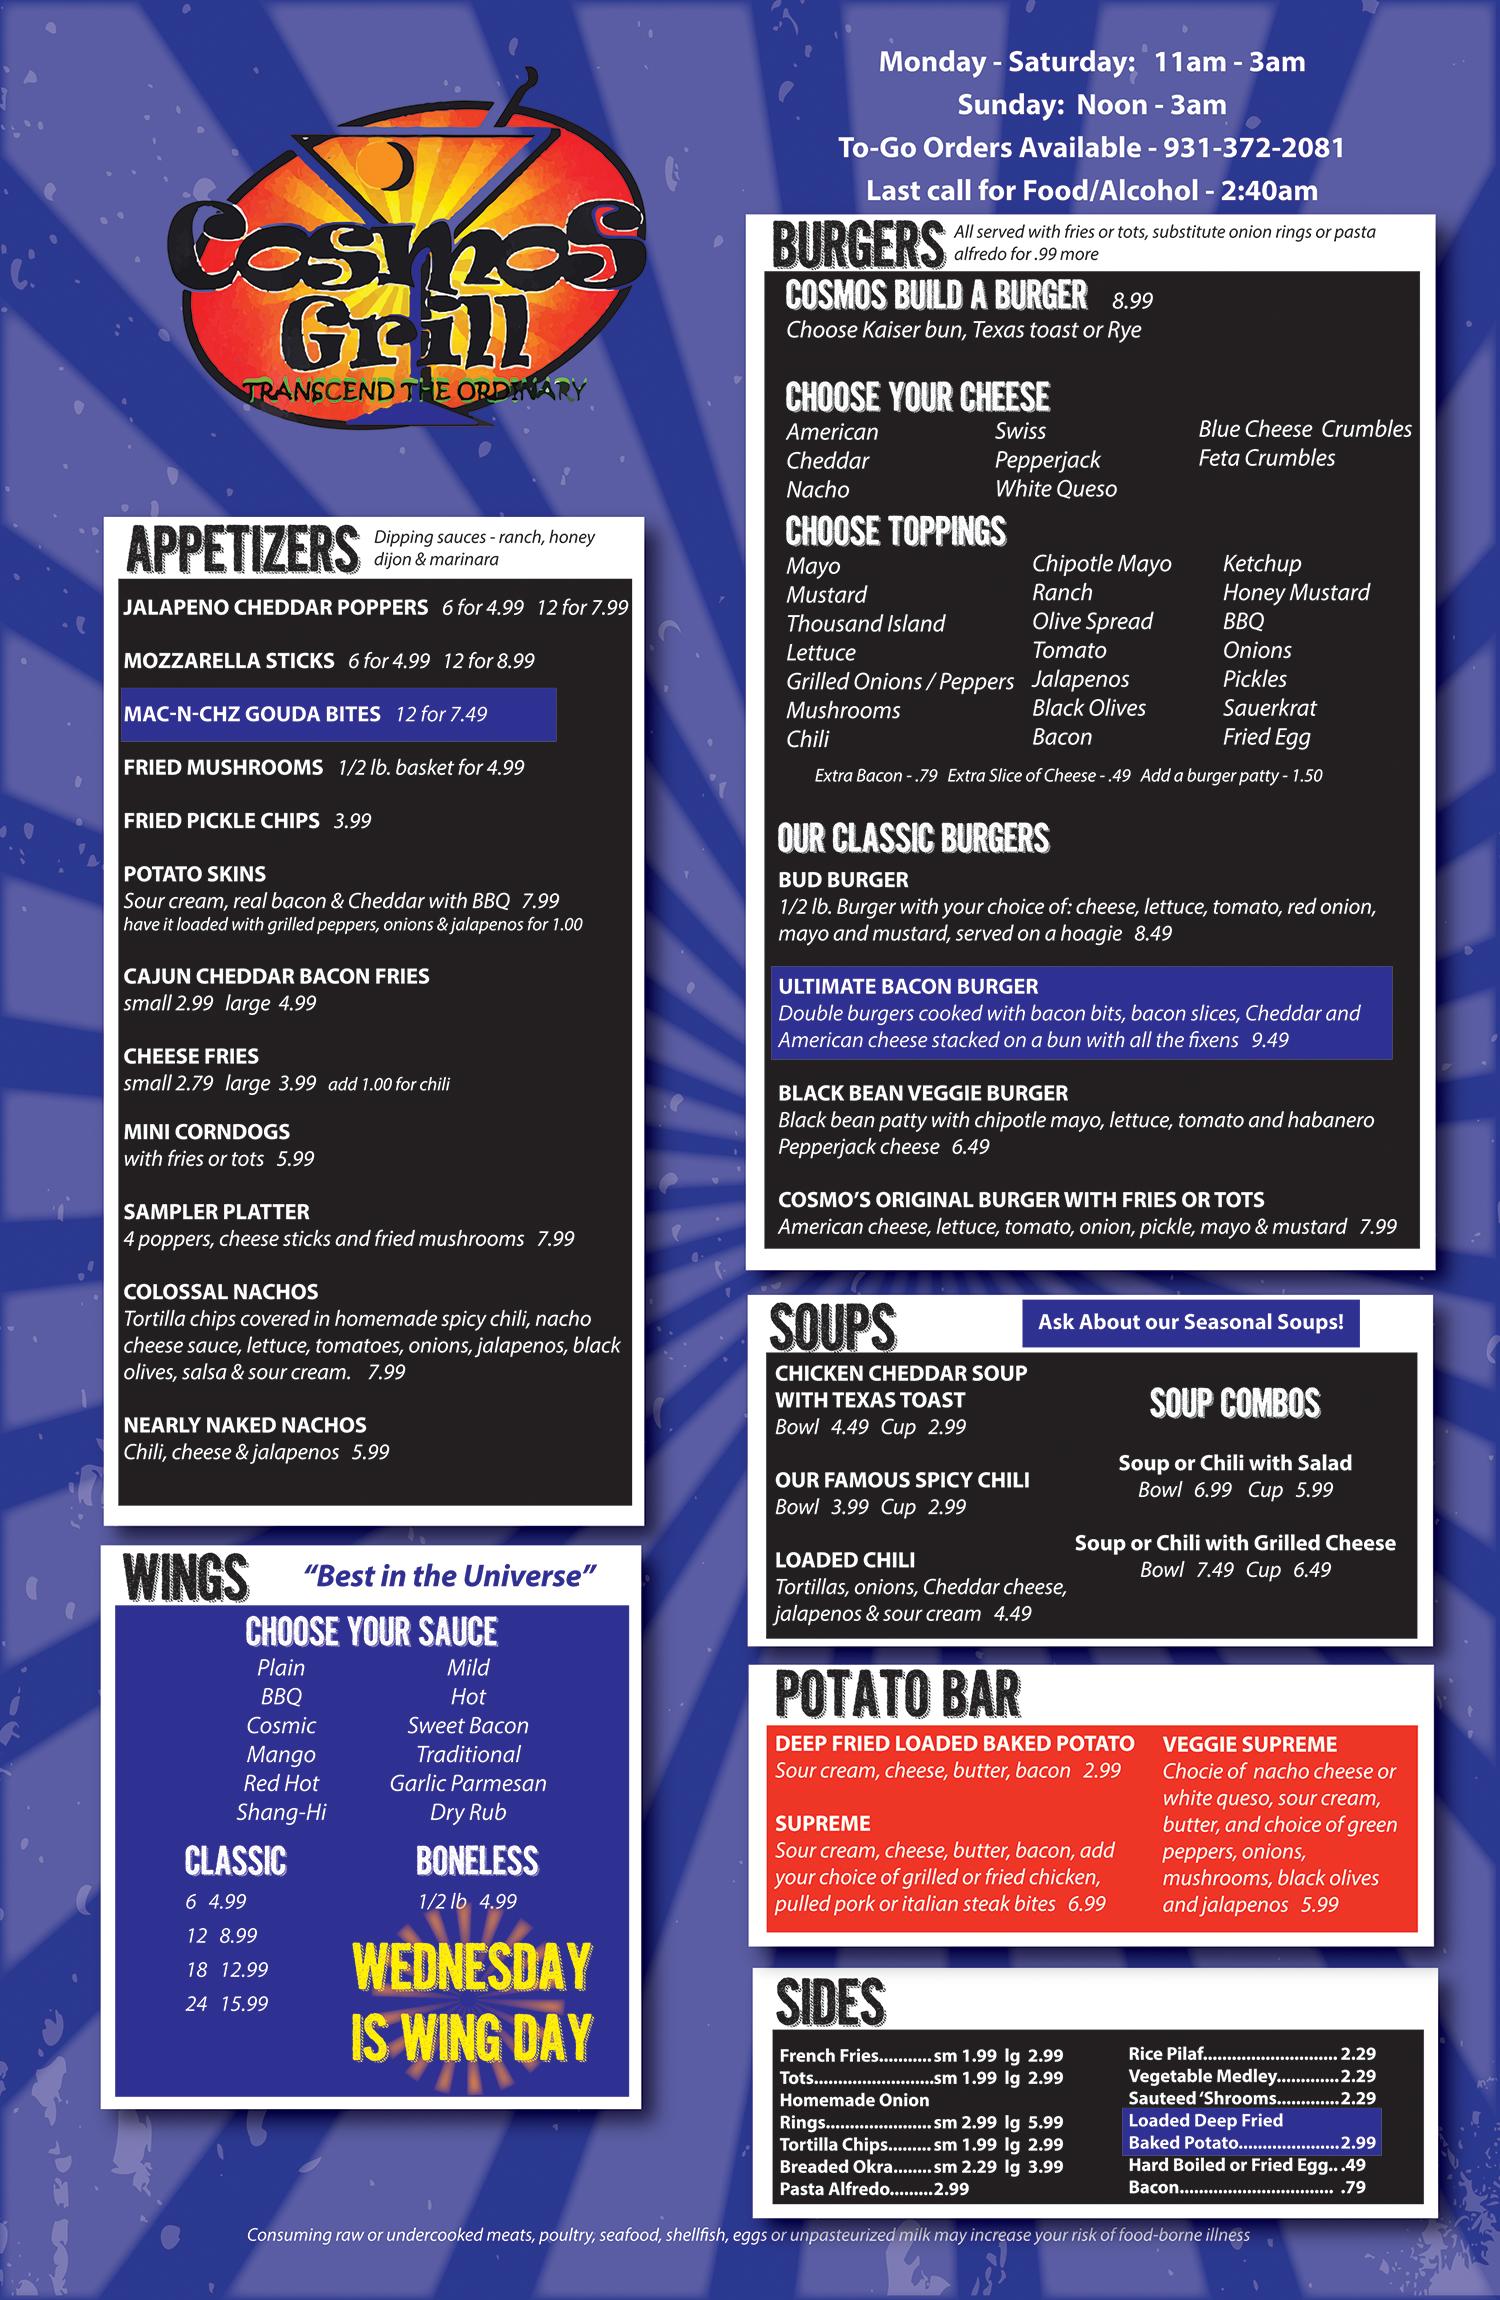 Cosmos Grill menu